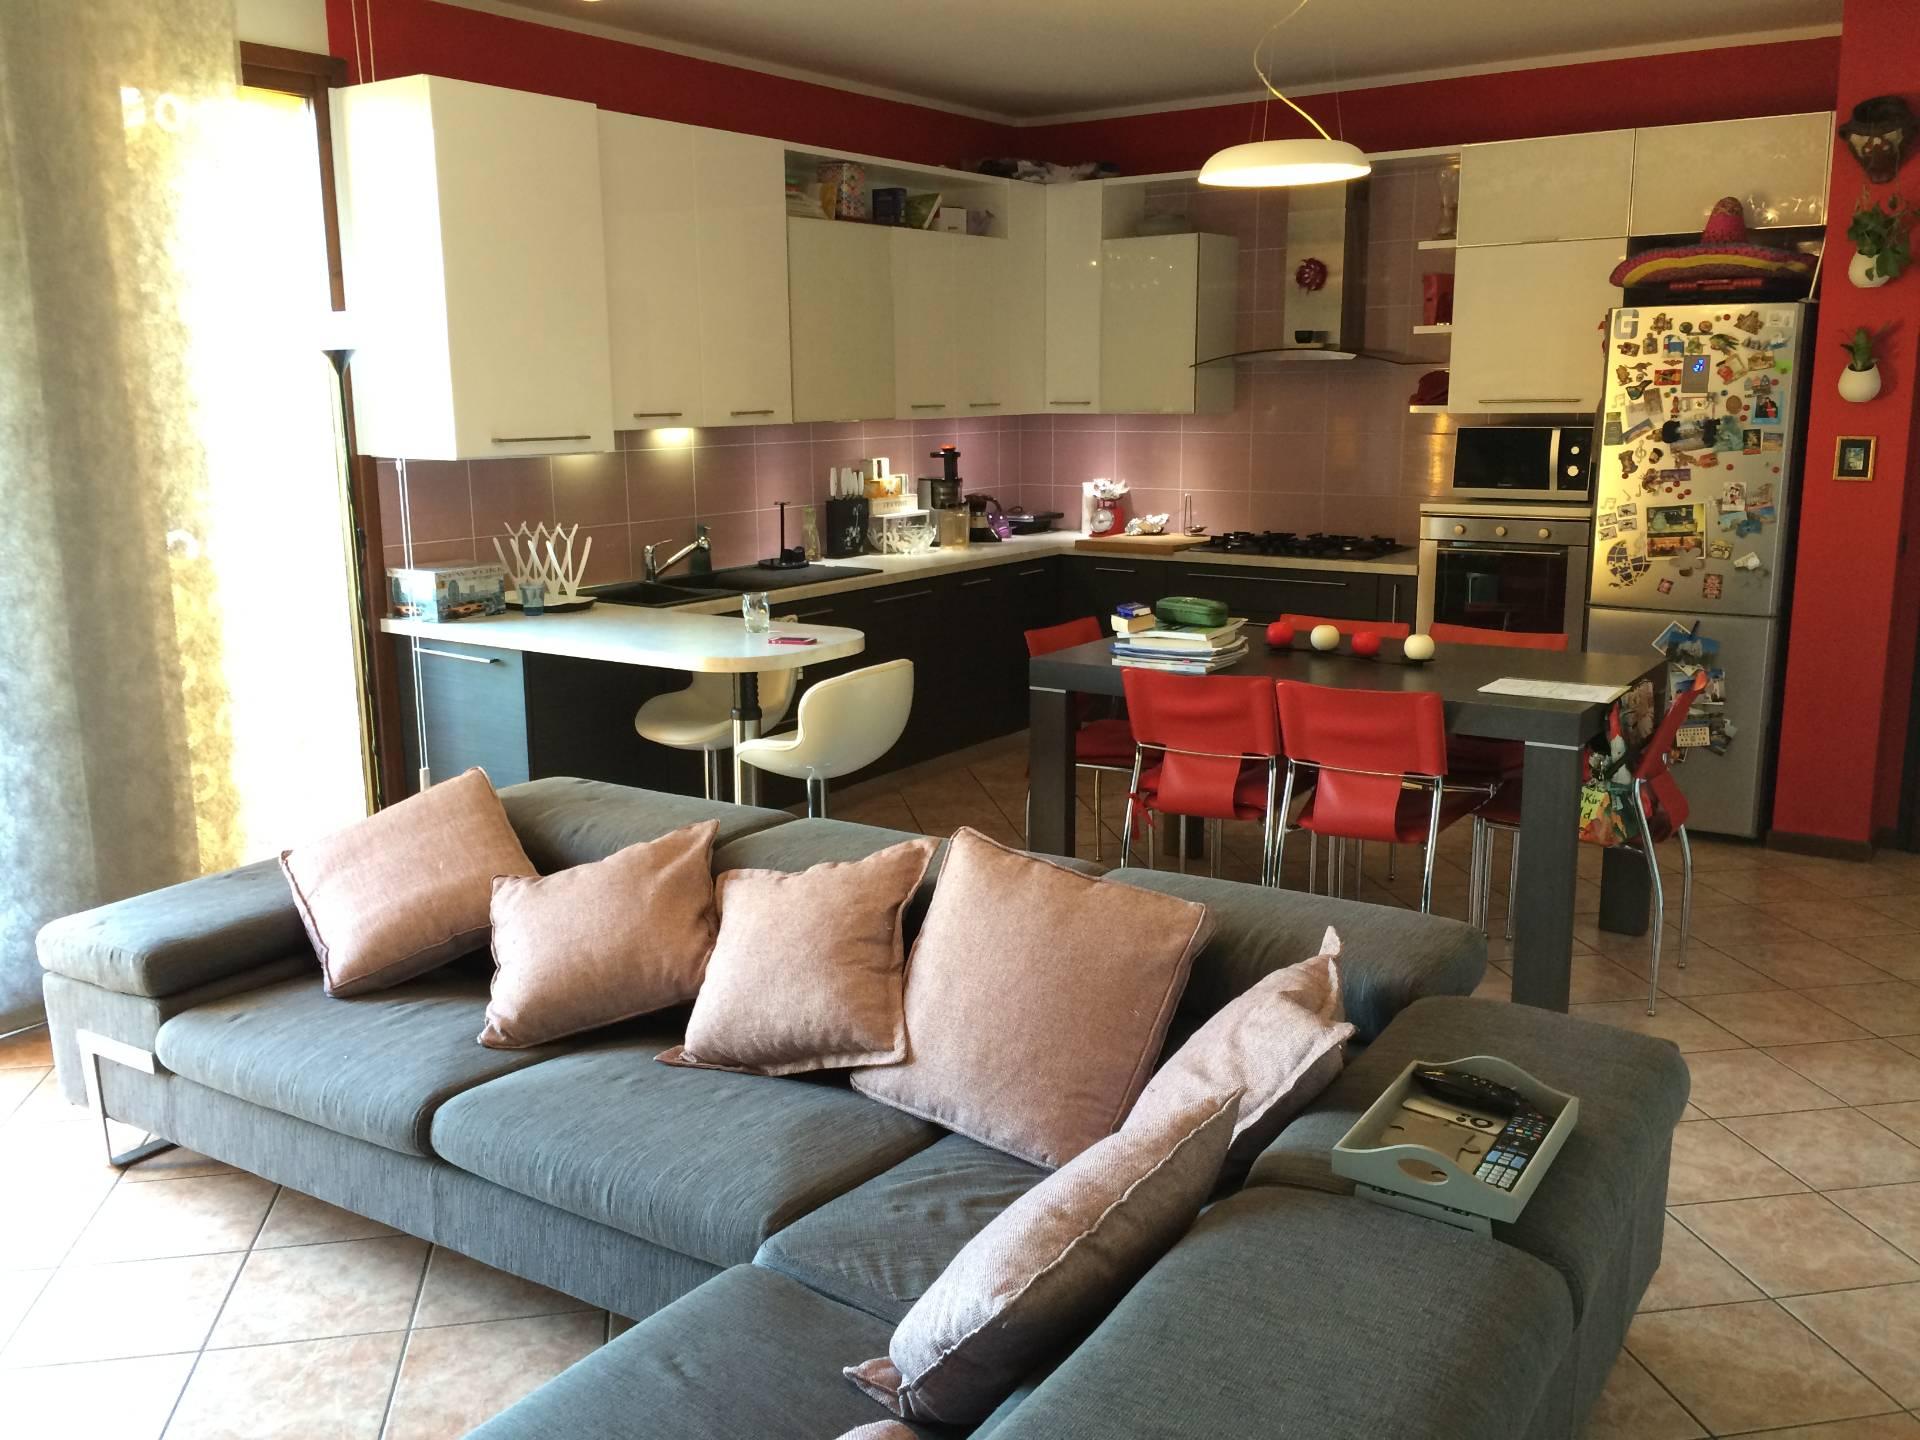 Appartamento in vendita a Spresiano, 5 locali, prezzo € 118.000 | CambioCasa.it